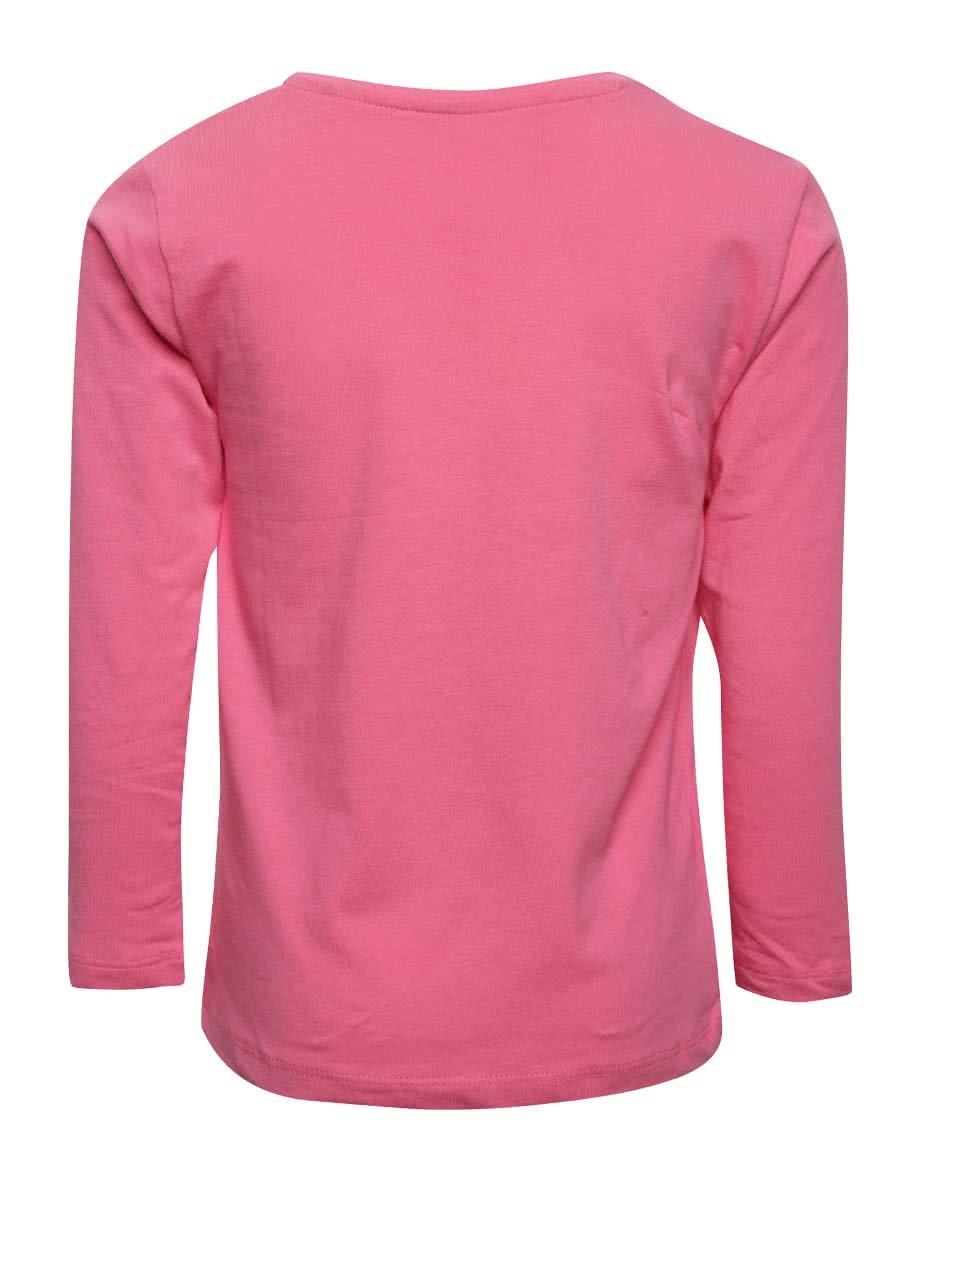 0bb3300744b8 Ružové dievčenské tričko s potlačou a dlhým rukávom 5.10.15.